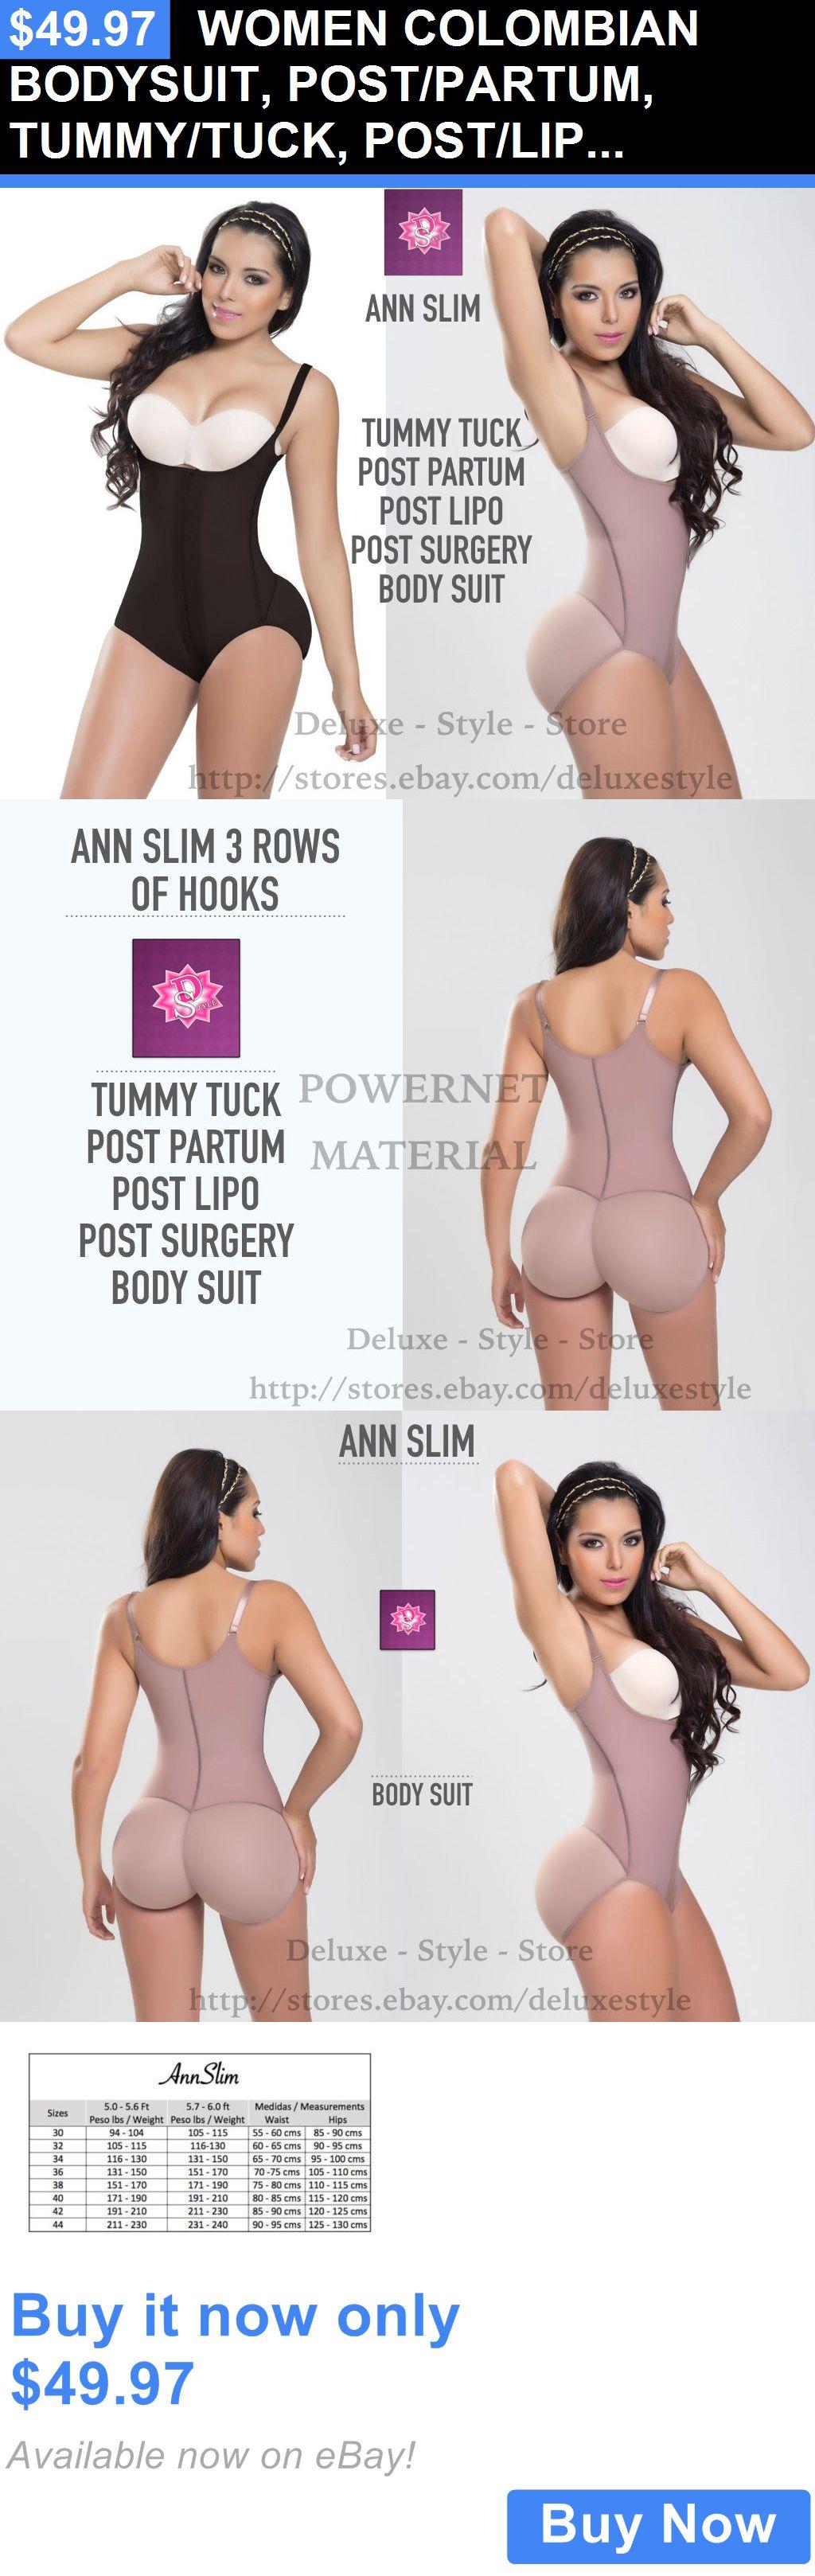 4e433eec2c Women Shapewear  Women Colombian Bodysuit